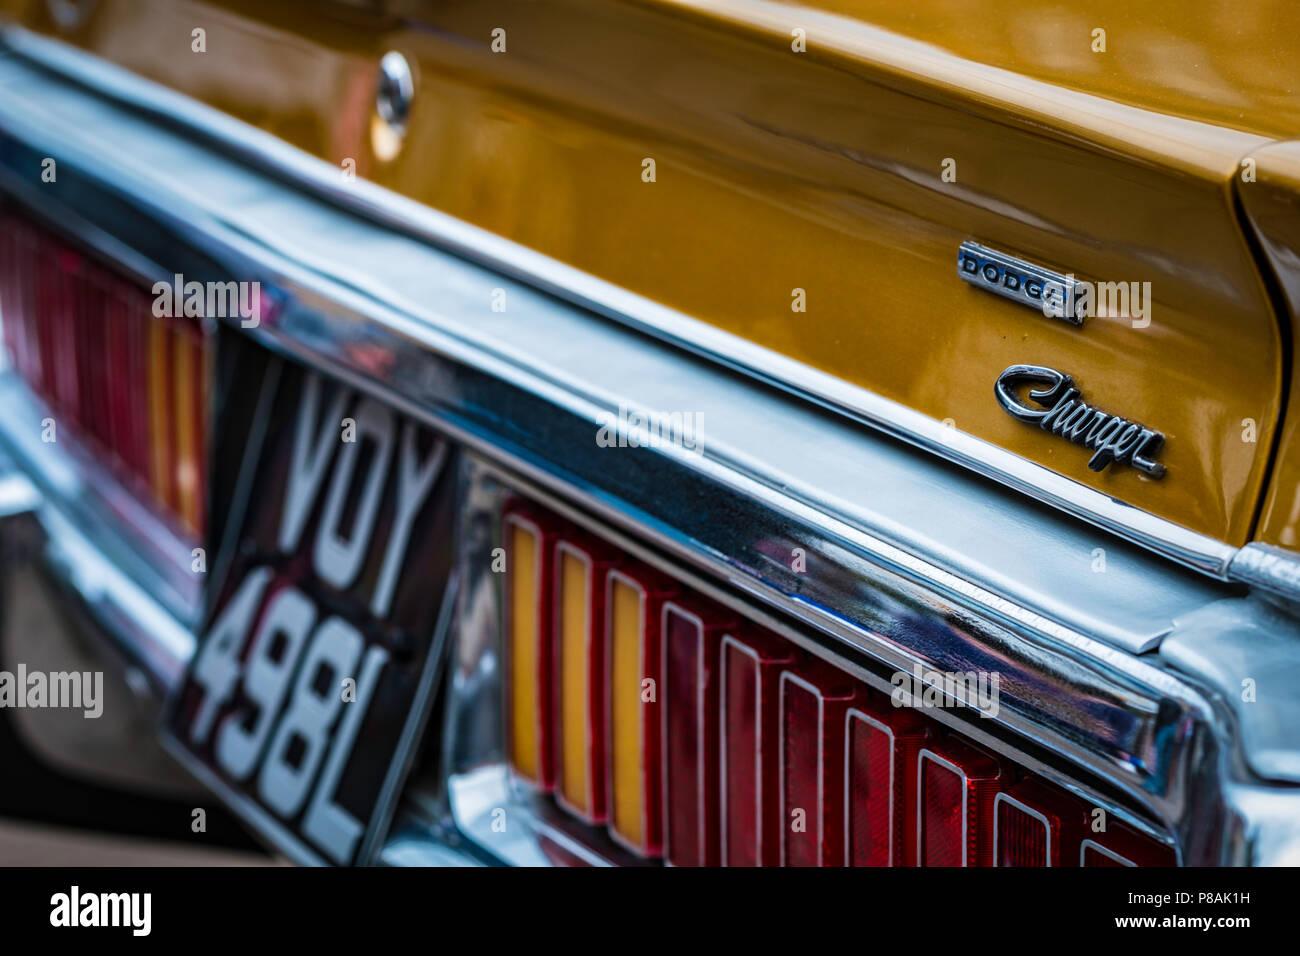 Deatail d'une Dodge Charger, l'une des voitures emblématiques des Amériques. Banque D'Images